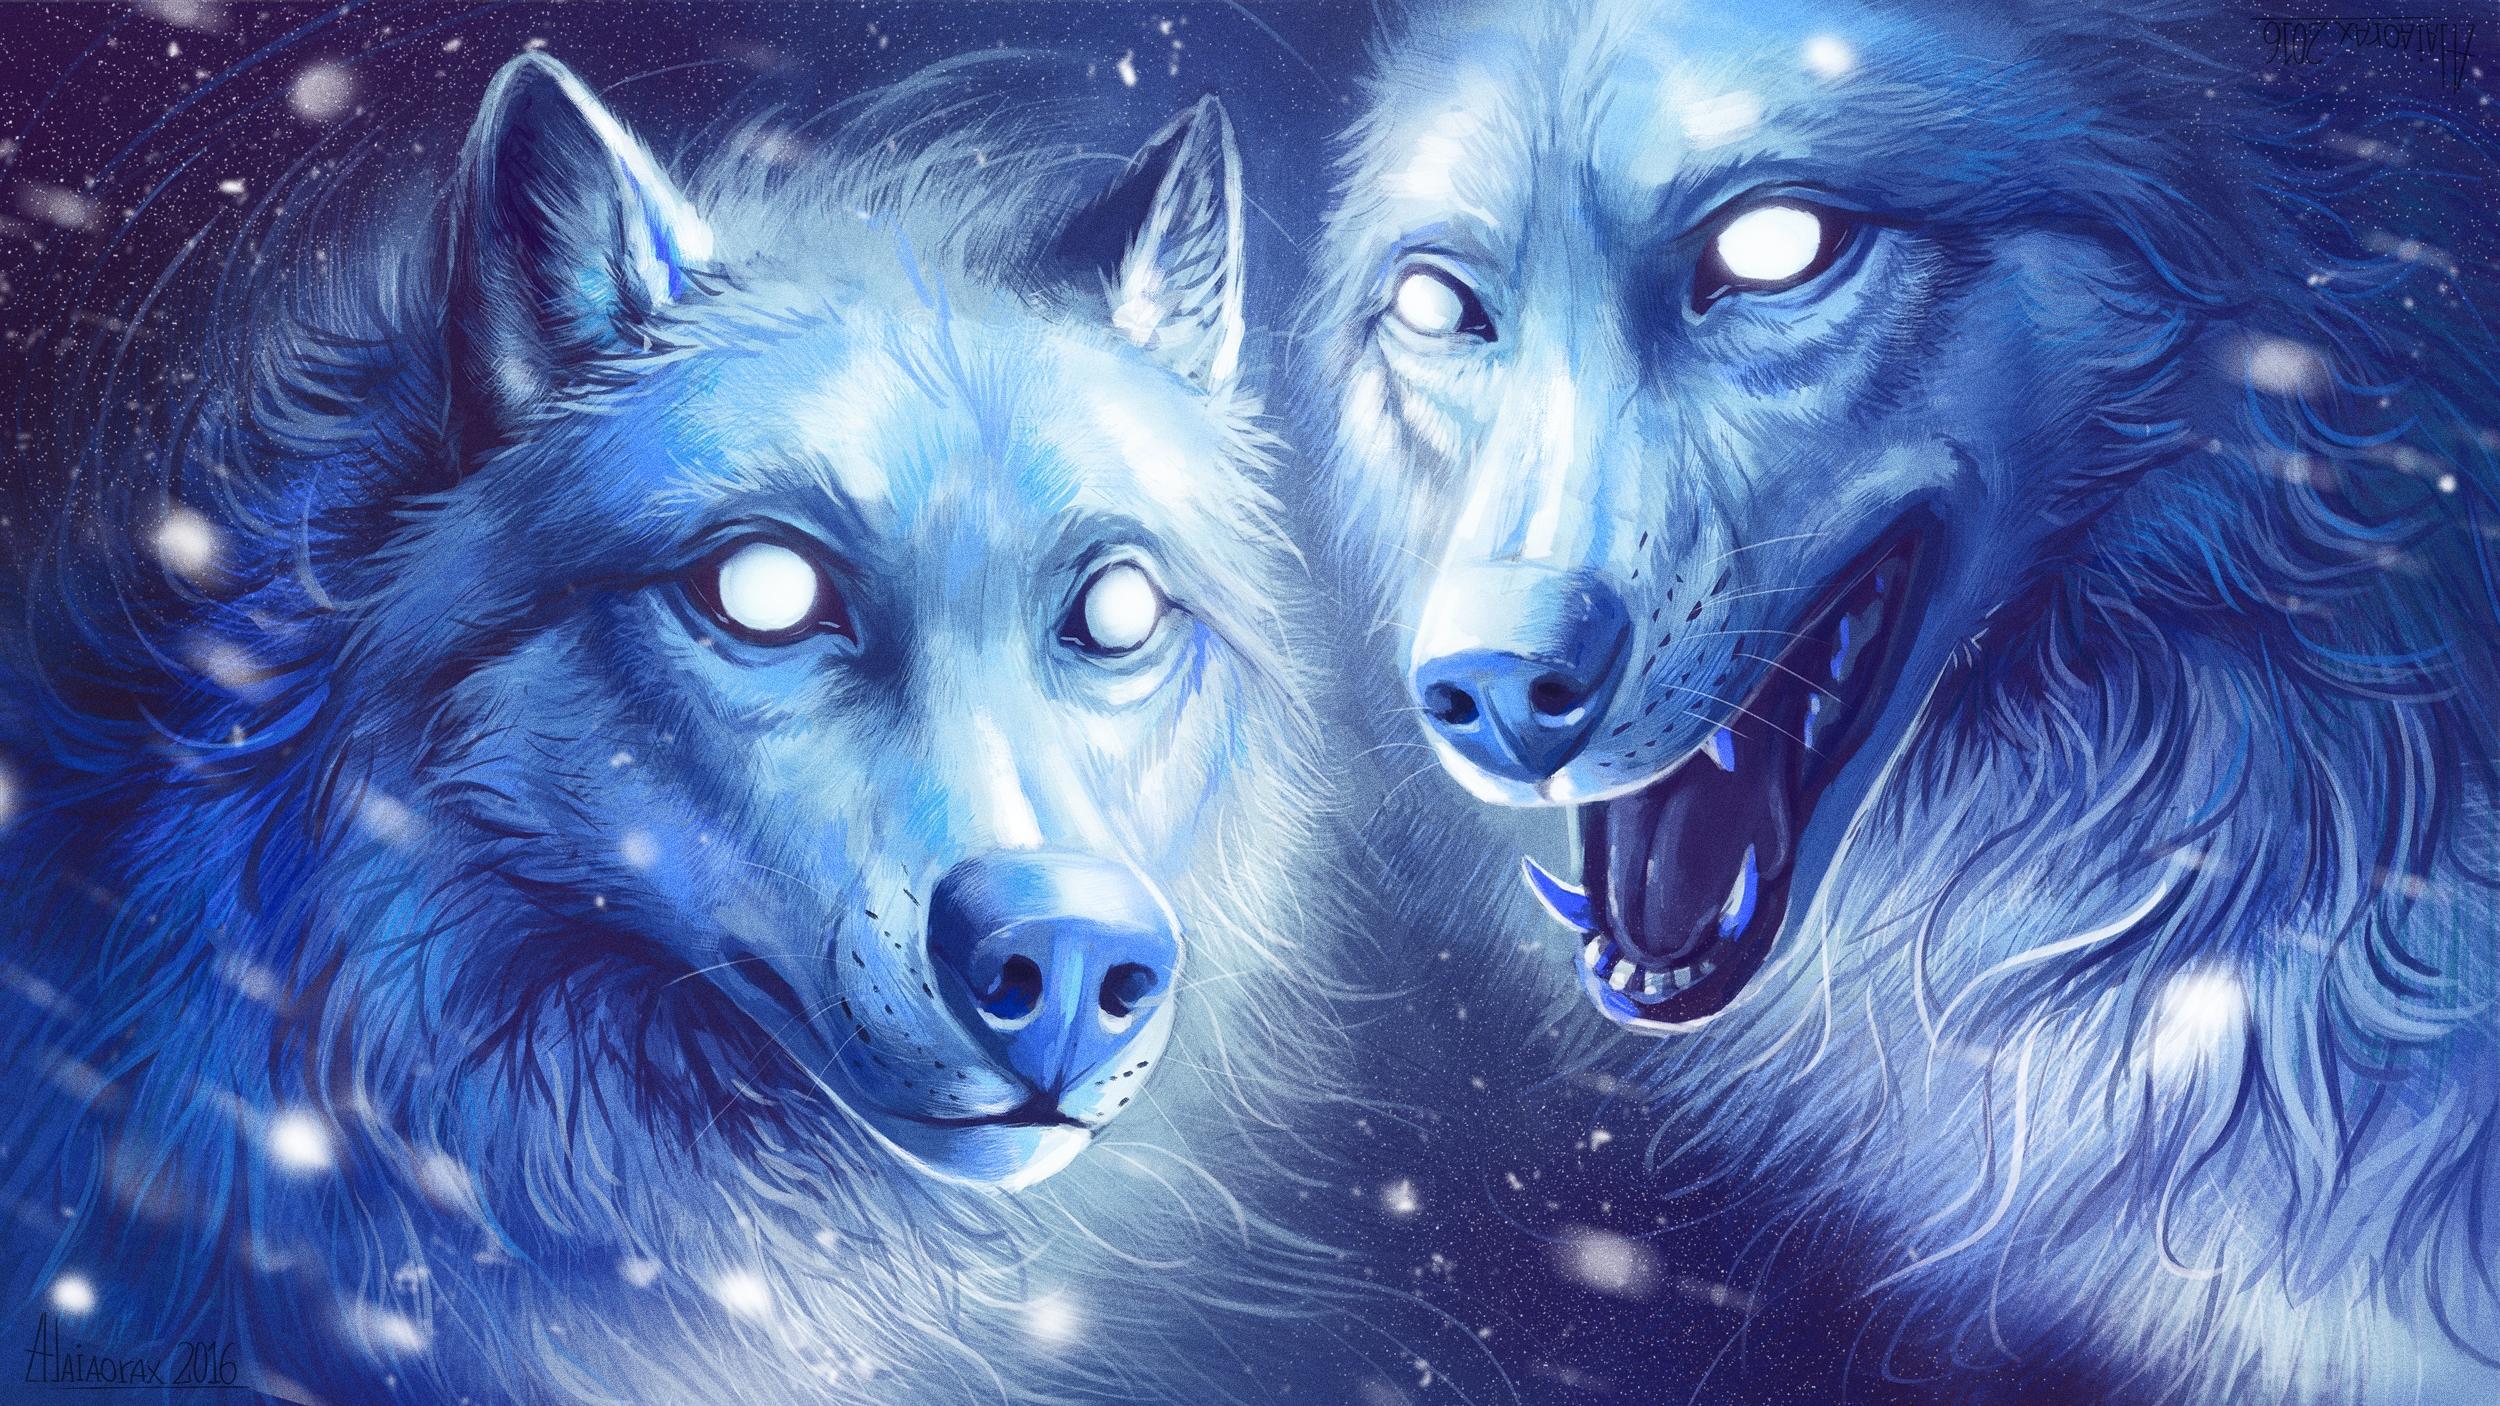 обои на рабочий стол волки нарисованная № 649038 загрузить